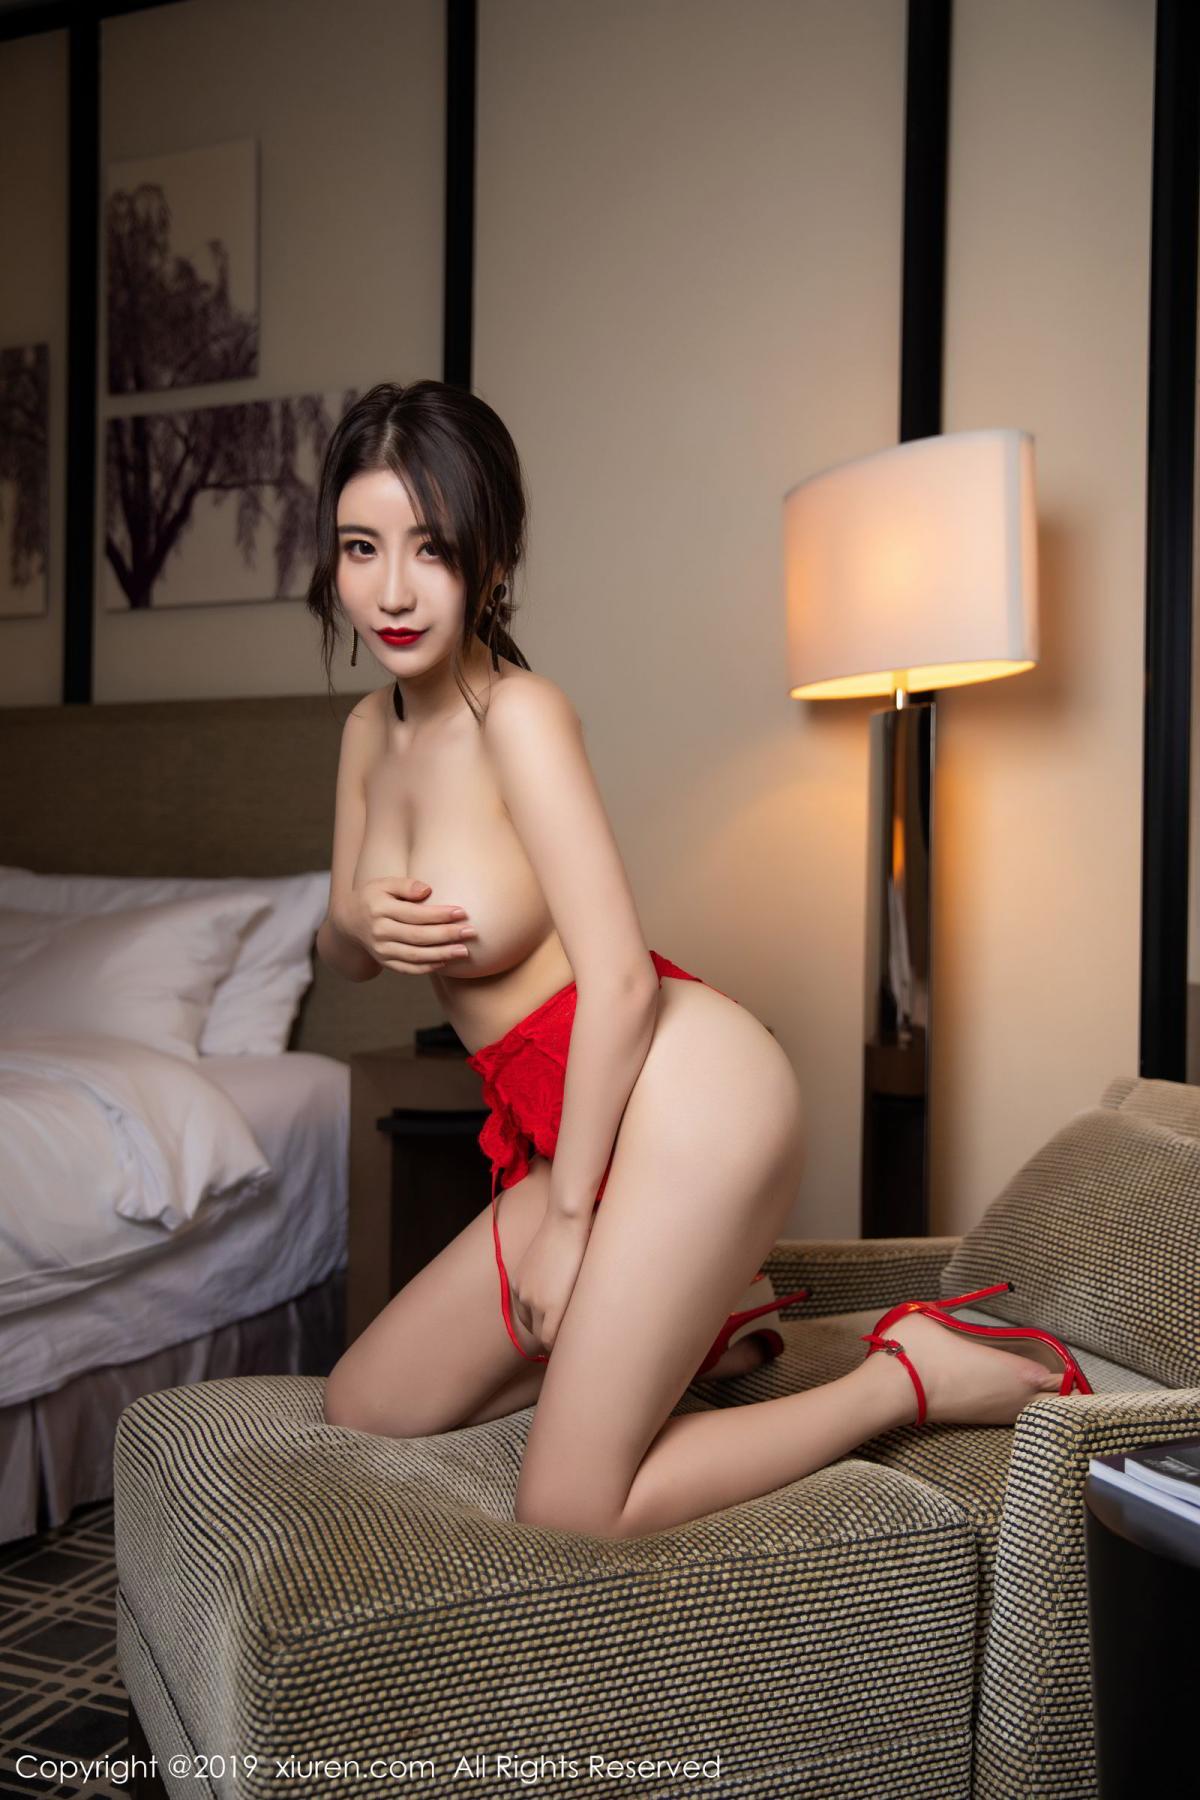 [XiuRen] Vol.1589 Xie Zhi Xin 22P, Sexy, Underwear, Xie Zhi Xin, Xiuren